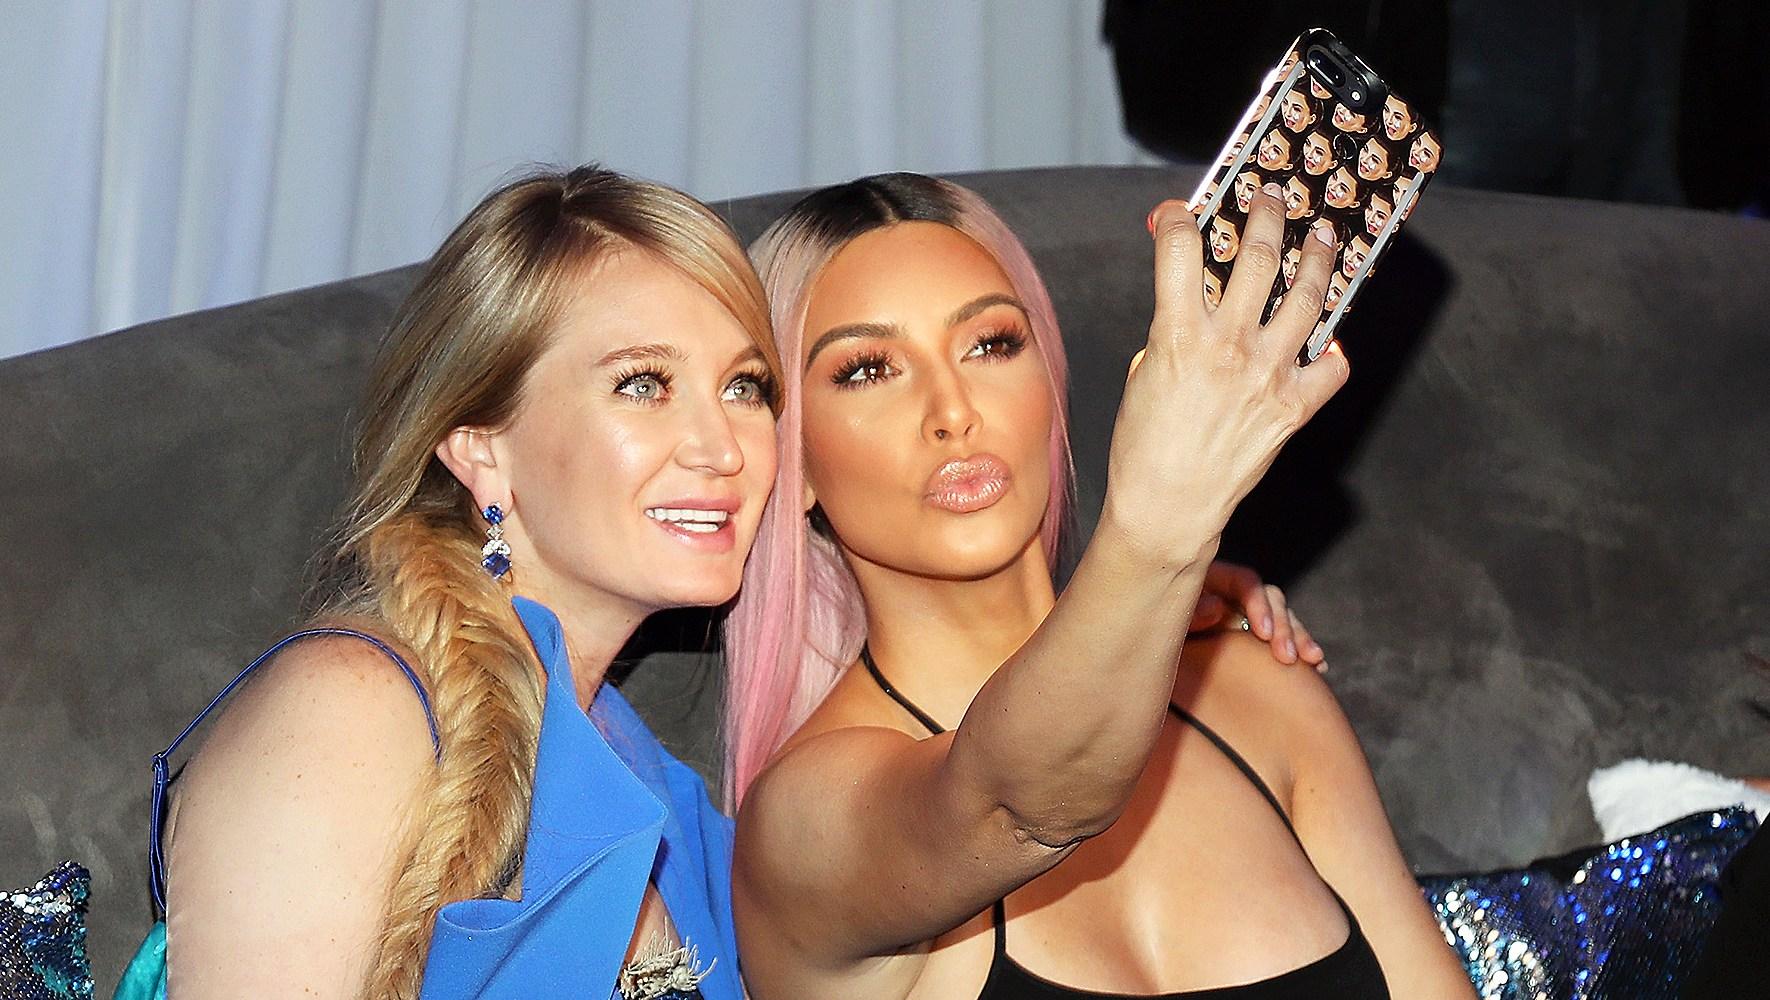 Kim Kardashian Done Taking Selfies